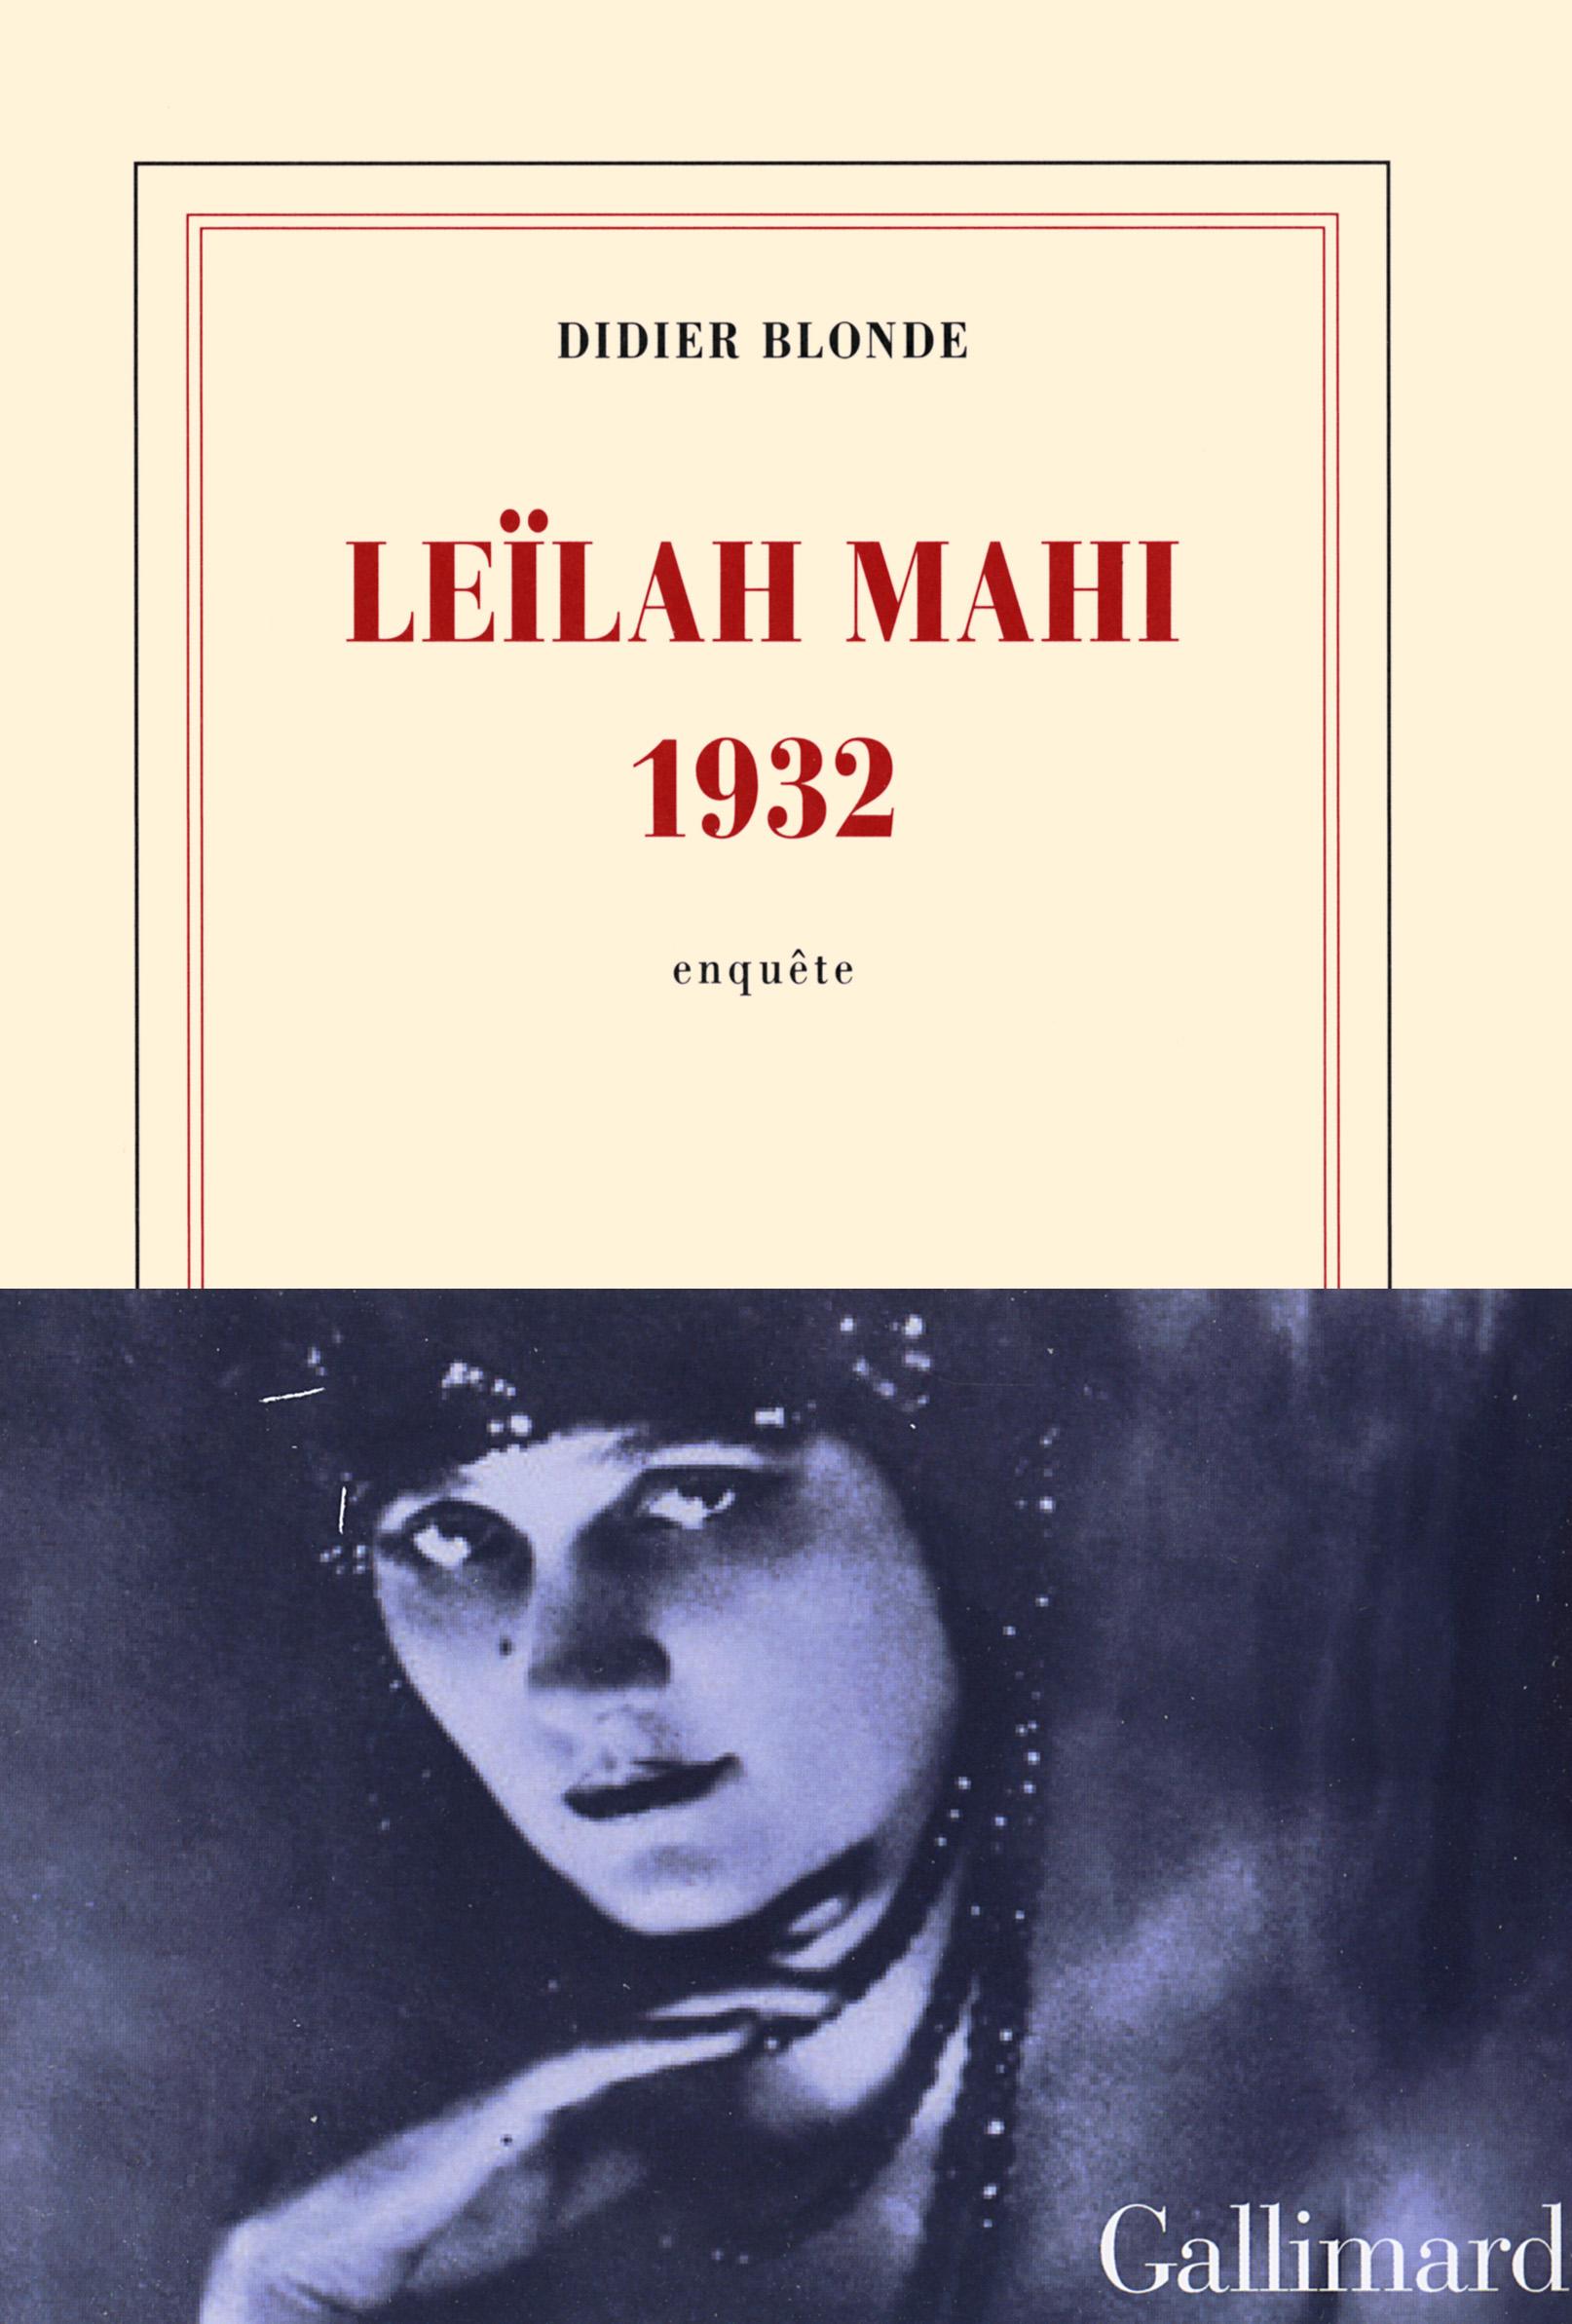 Leïlah Mahi 1932 de Didier Blonde Leilah-Mahi-1932-didier-blonde